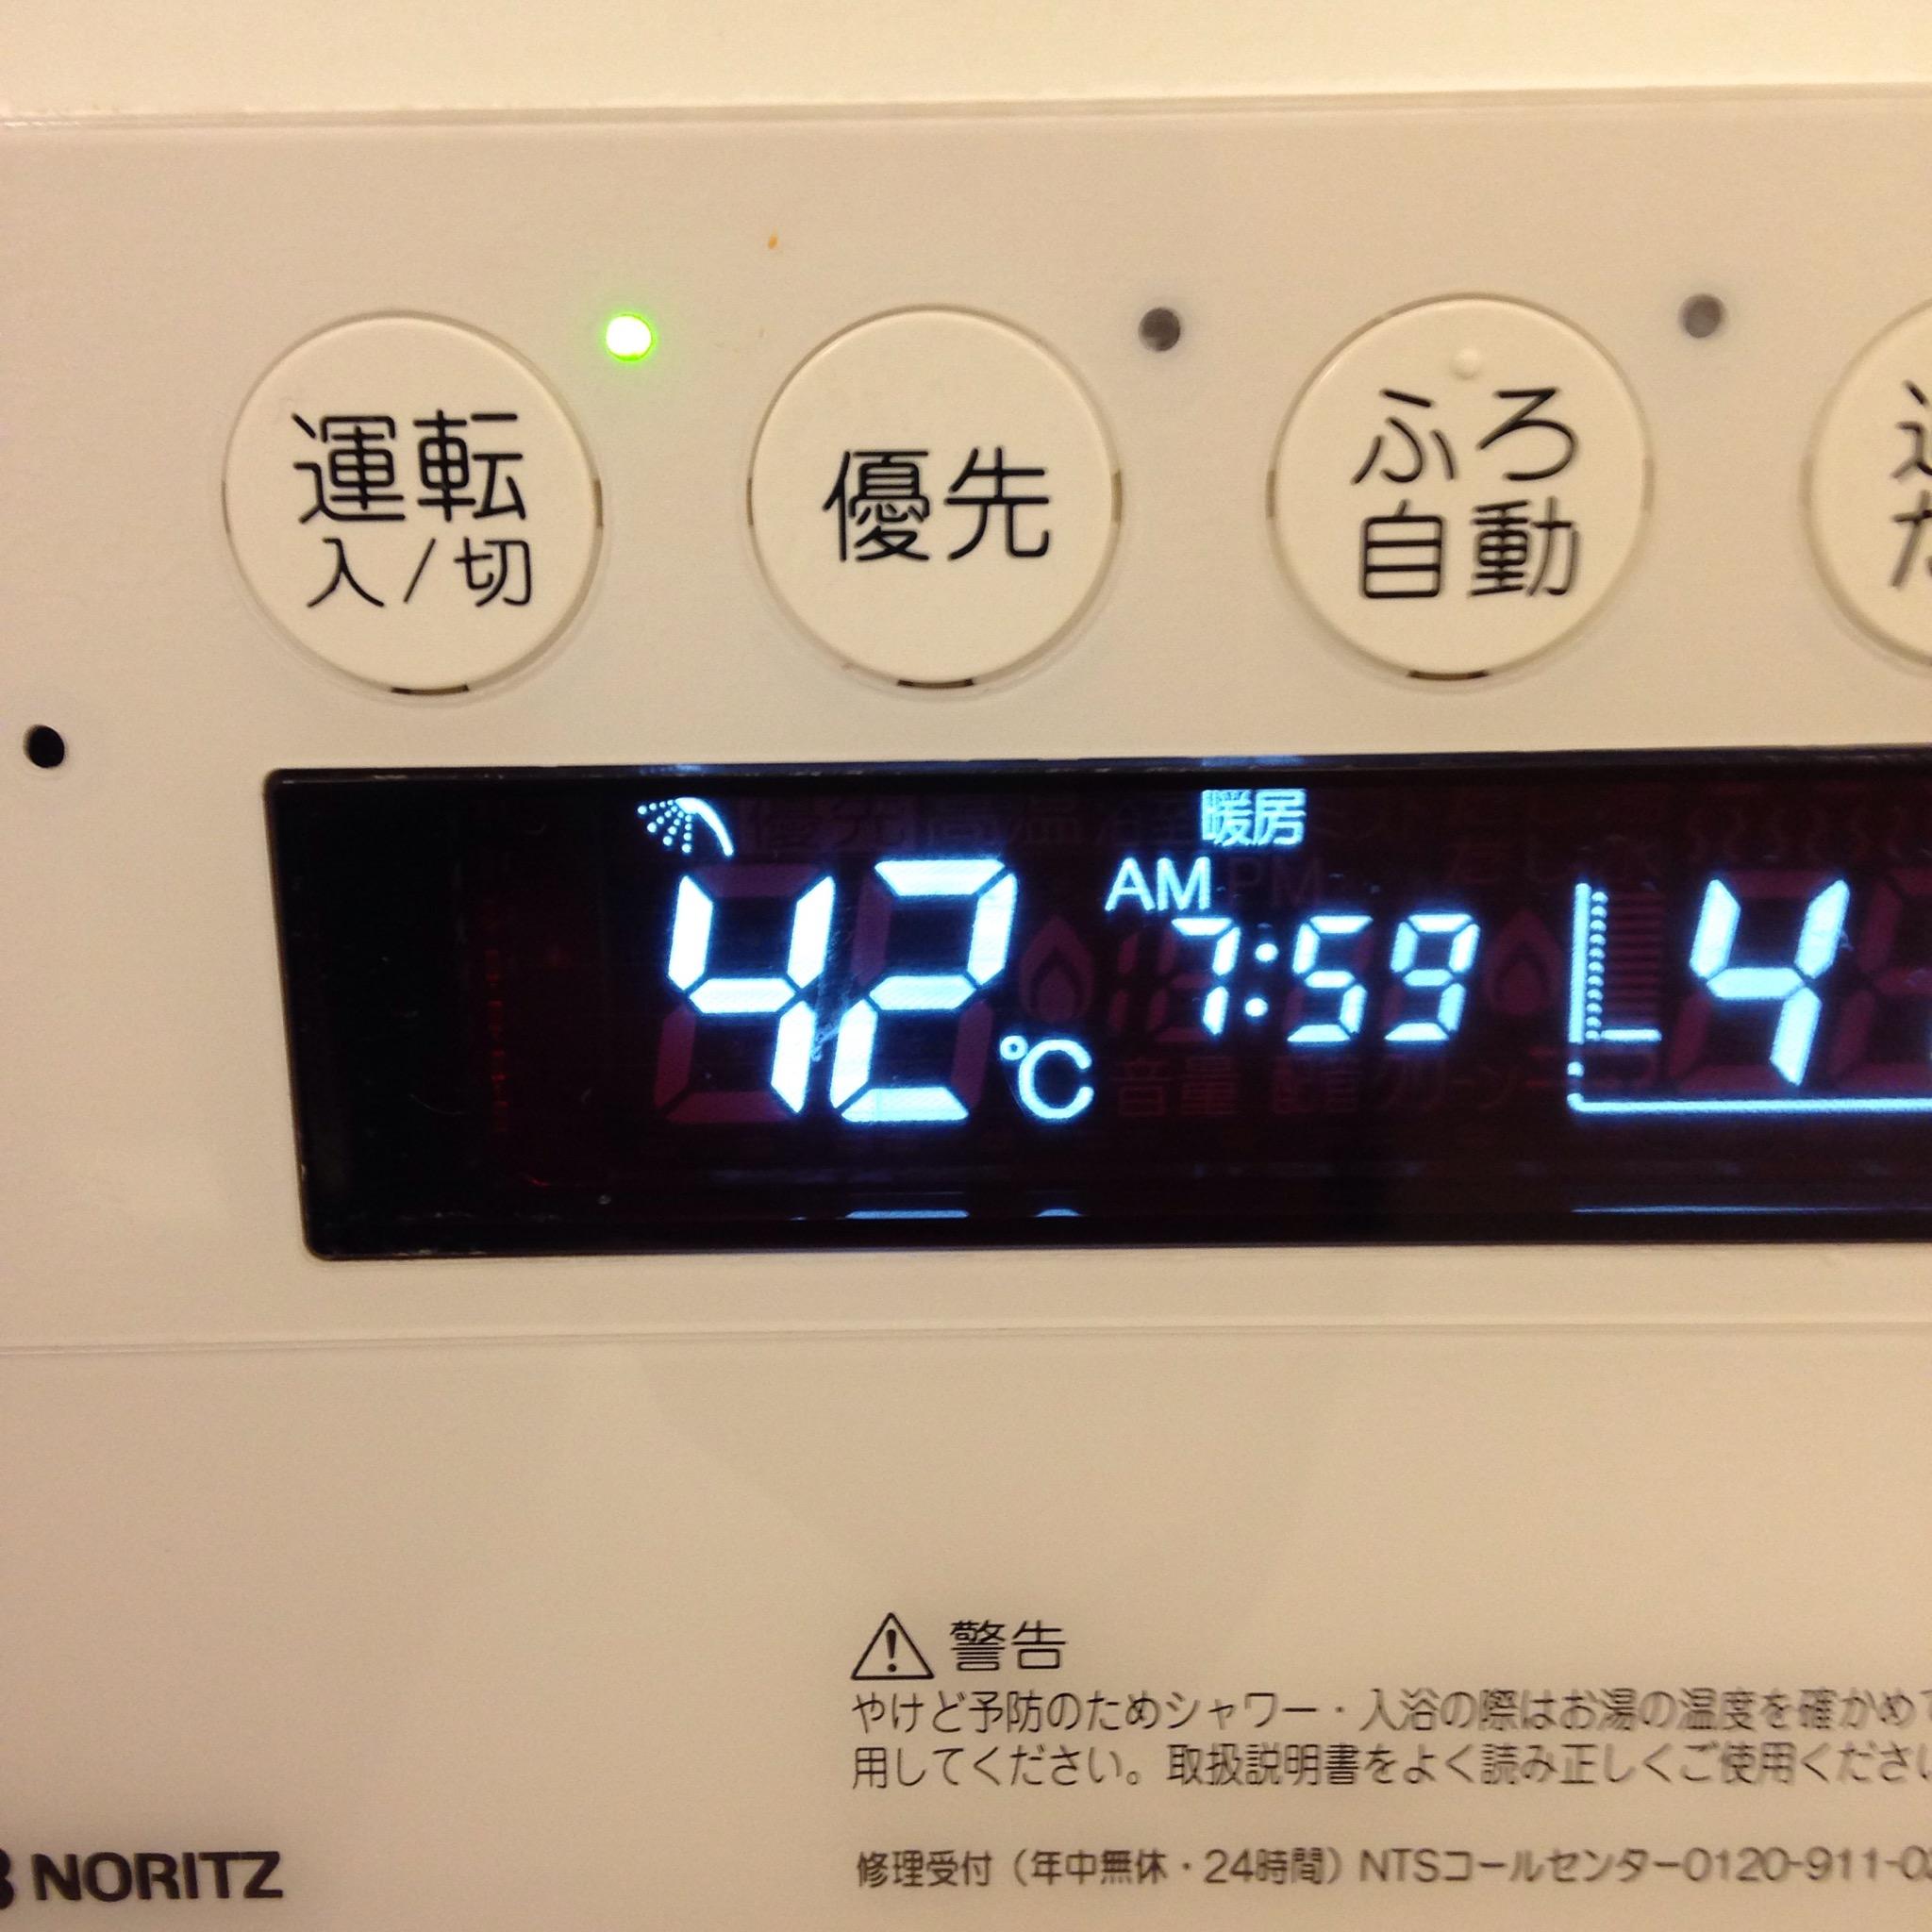 頭を洗う時、お湯の温度は何度?